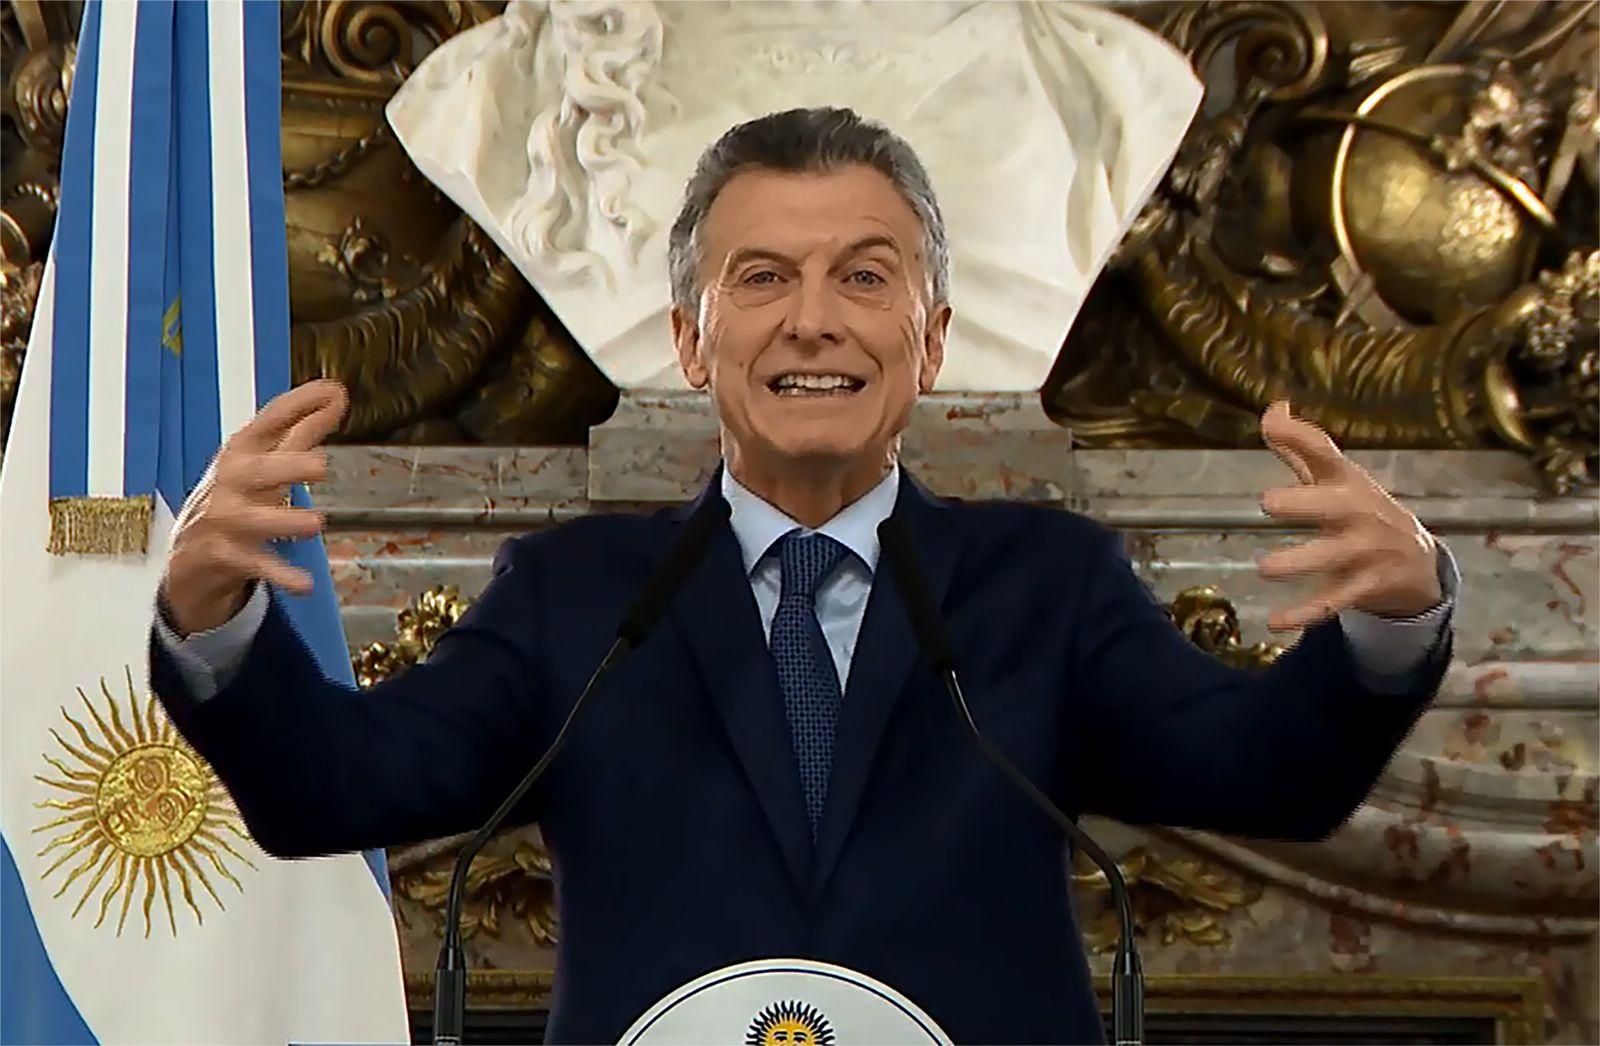 ARGENTINA-ECONOMY-MACRI